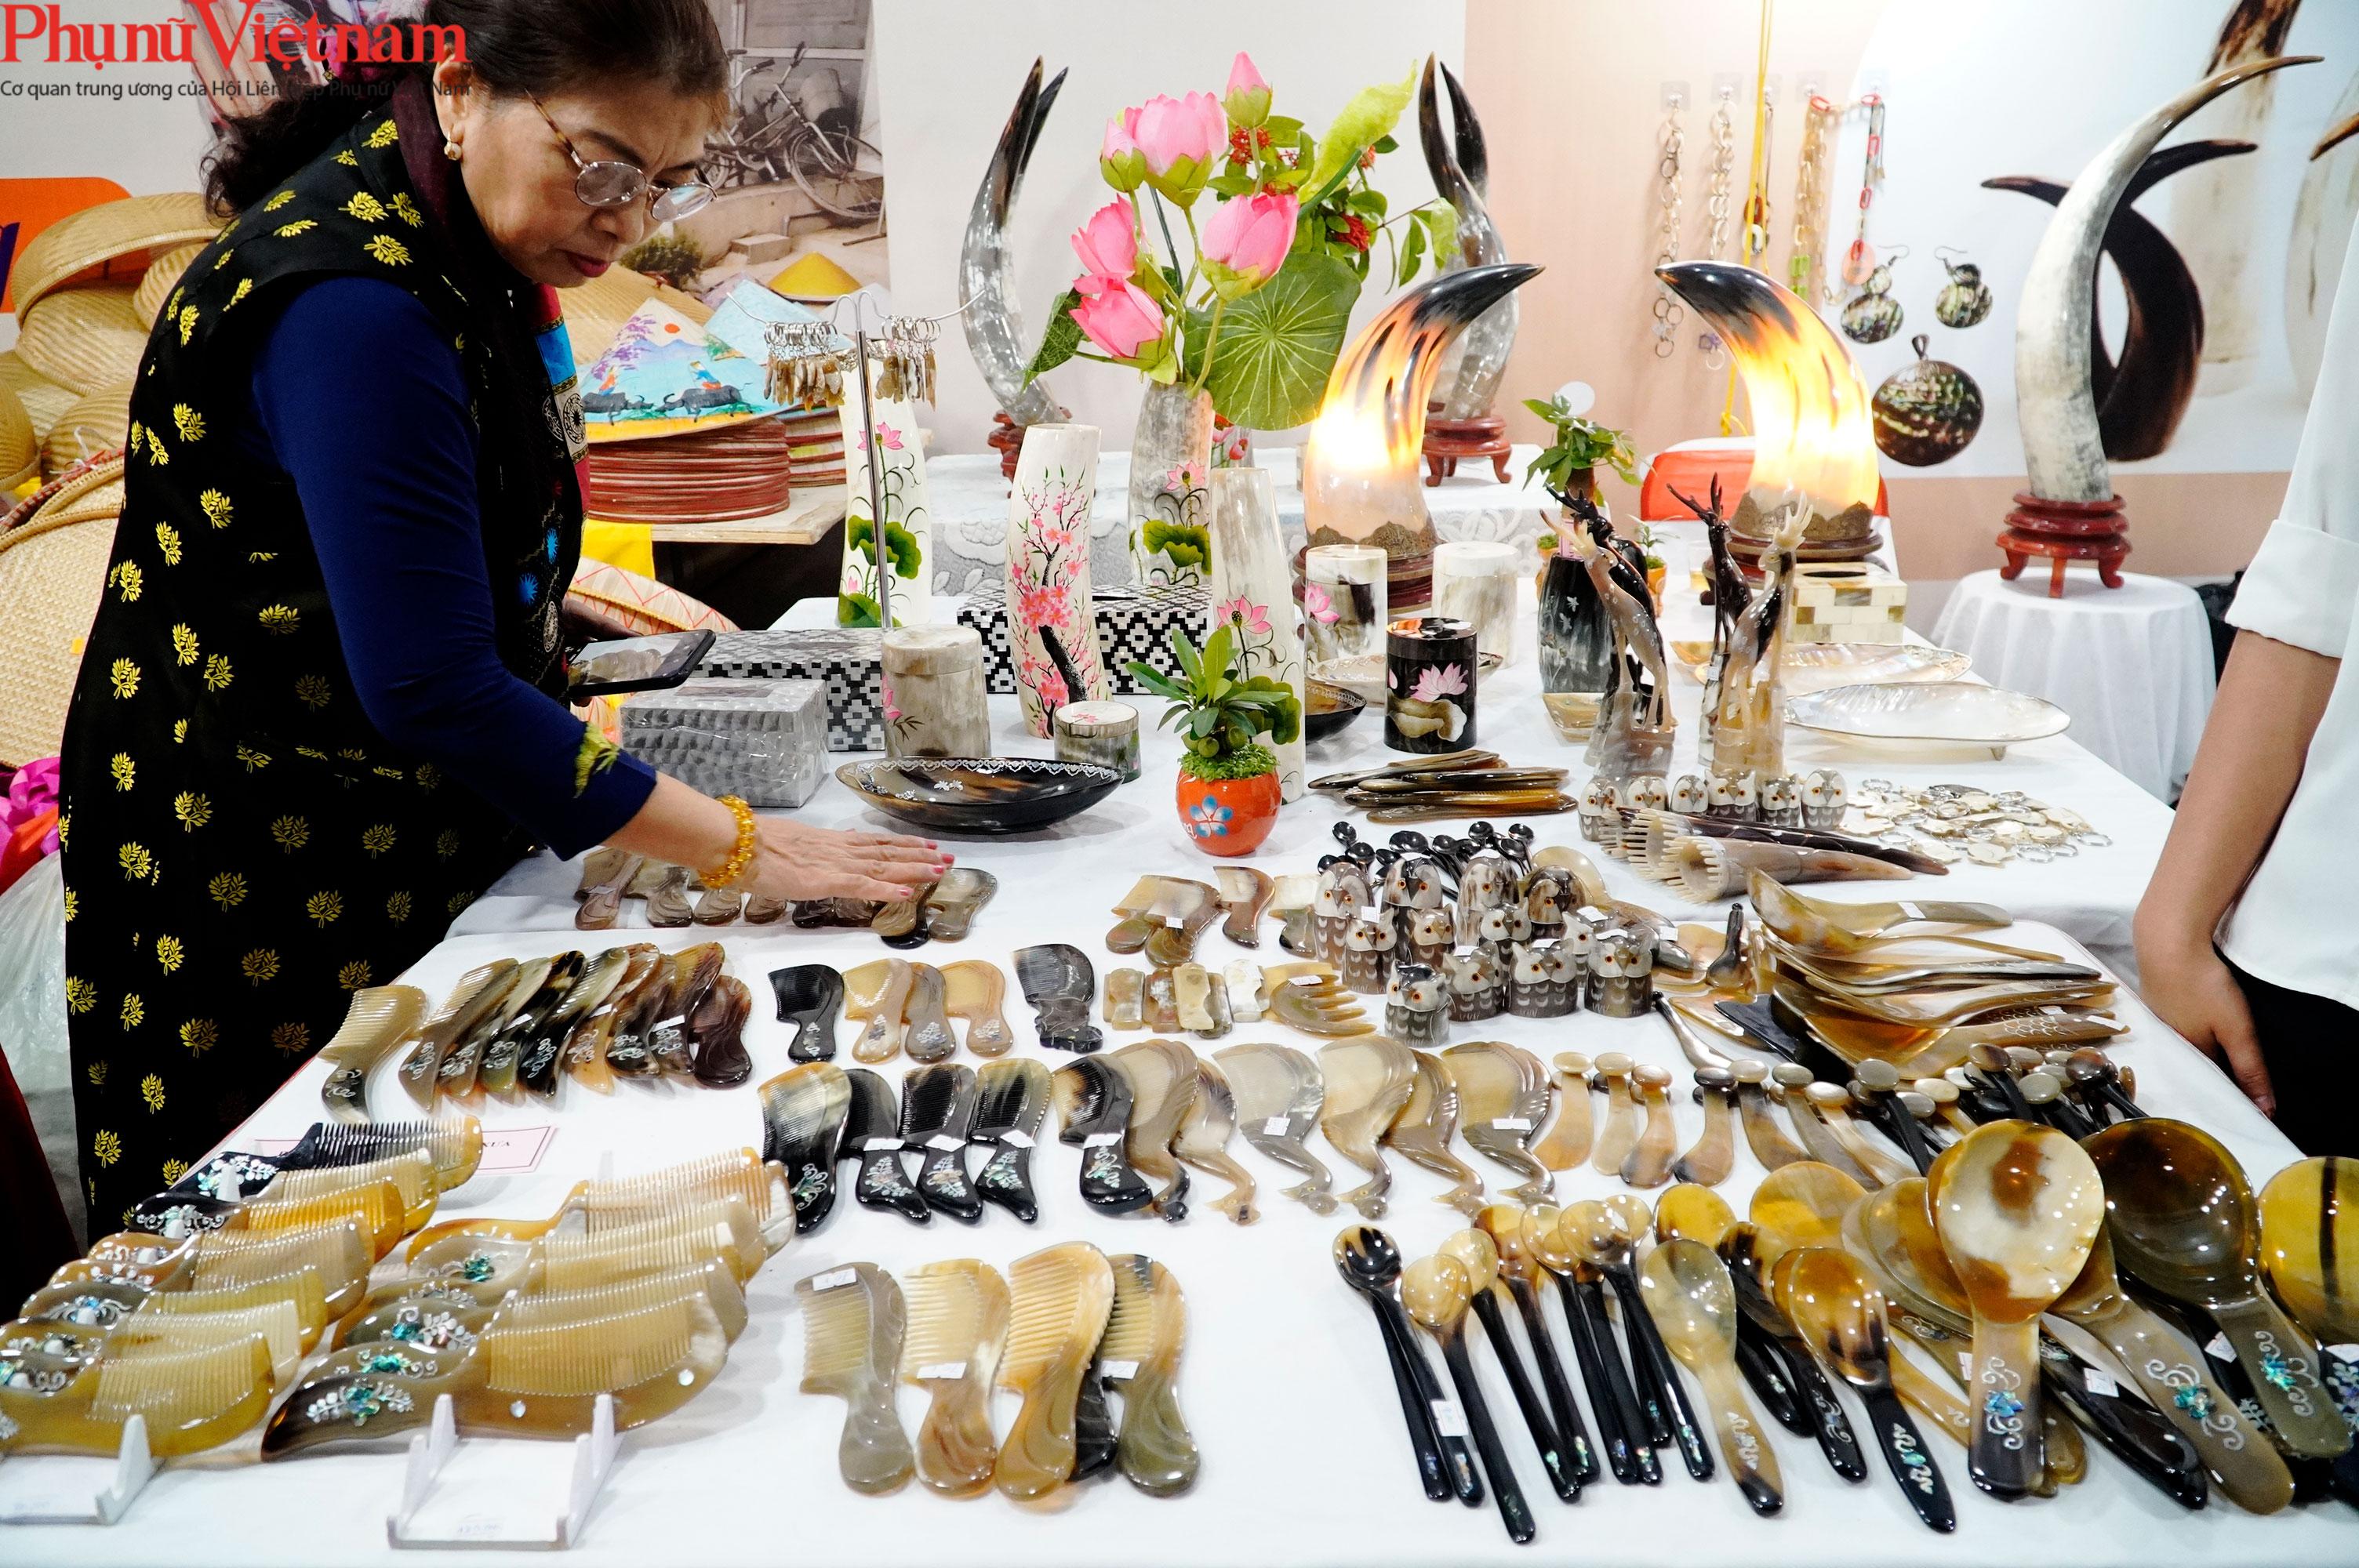 Phụ nữ Hà Nội giao lưu văn hóa, du lịch và sản phẩm sáng tạo với các tỉnh thành thuộc Đồng bằng sông Hồng - Ảnh 15.